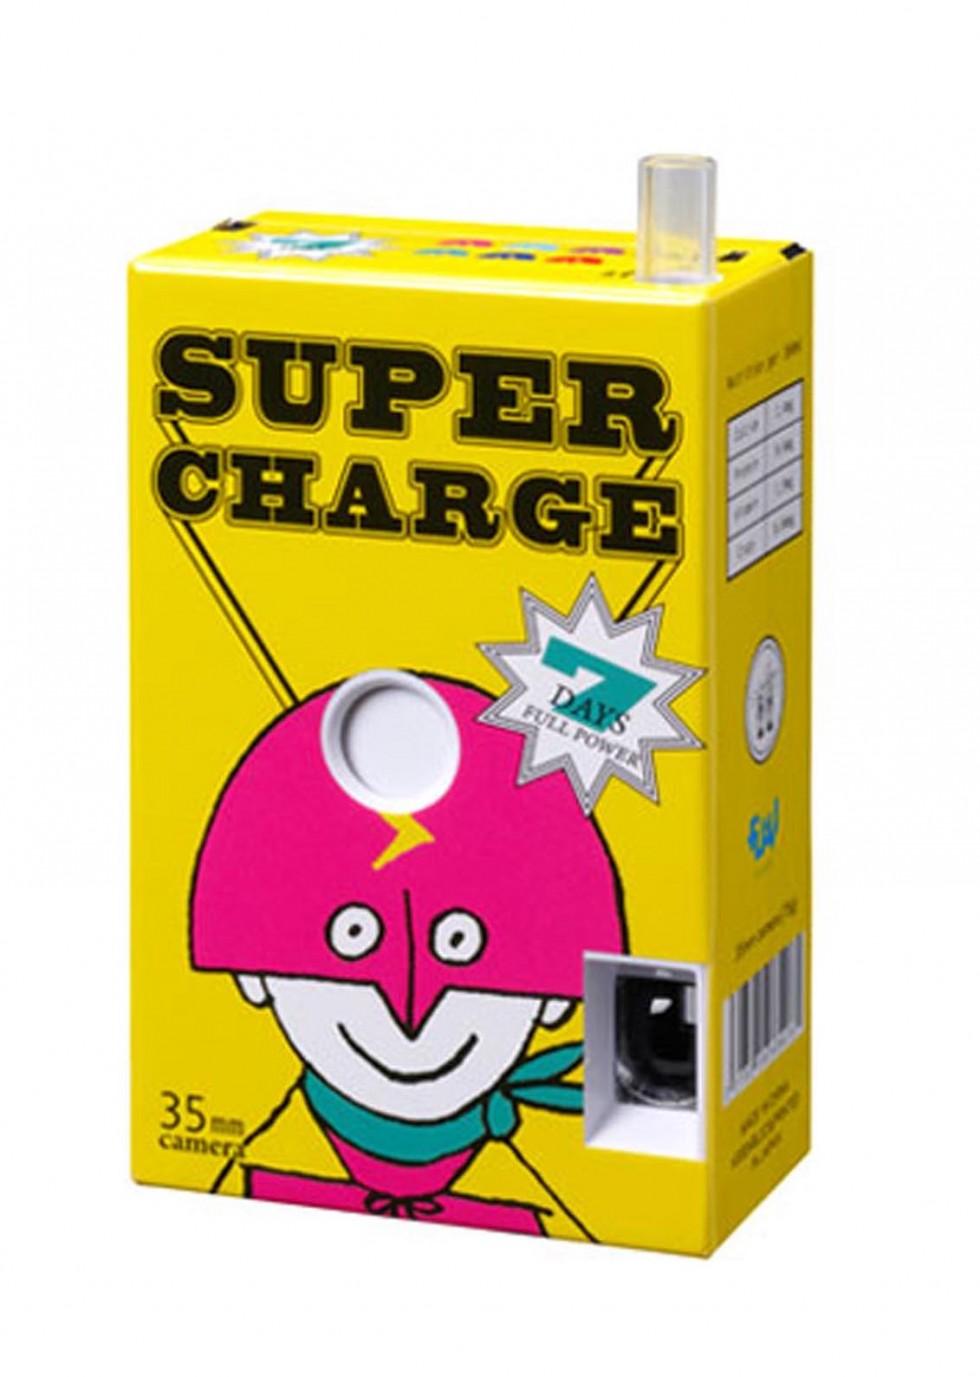 Juice Box - Le macchine fotografiche a forma di succo di frutta | Collater.al